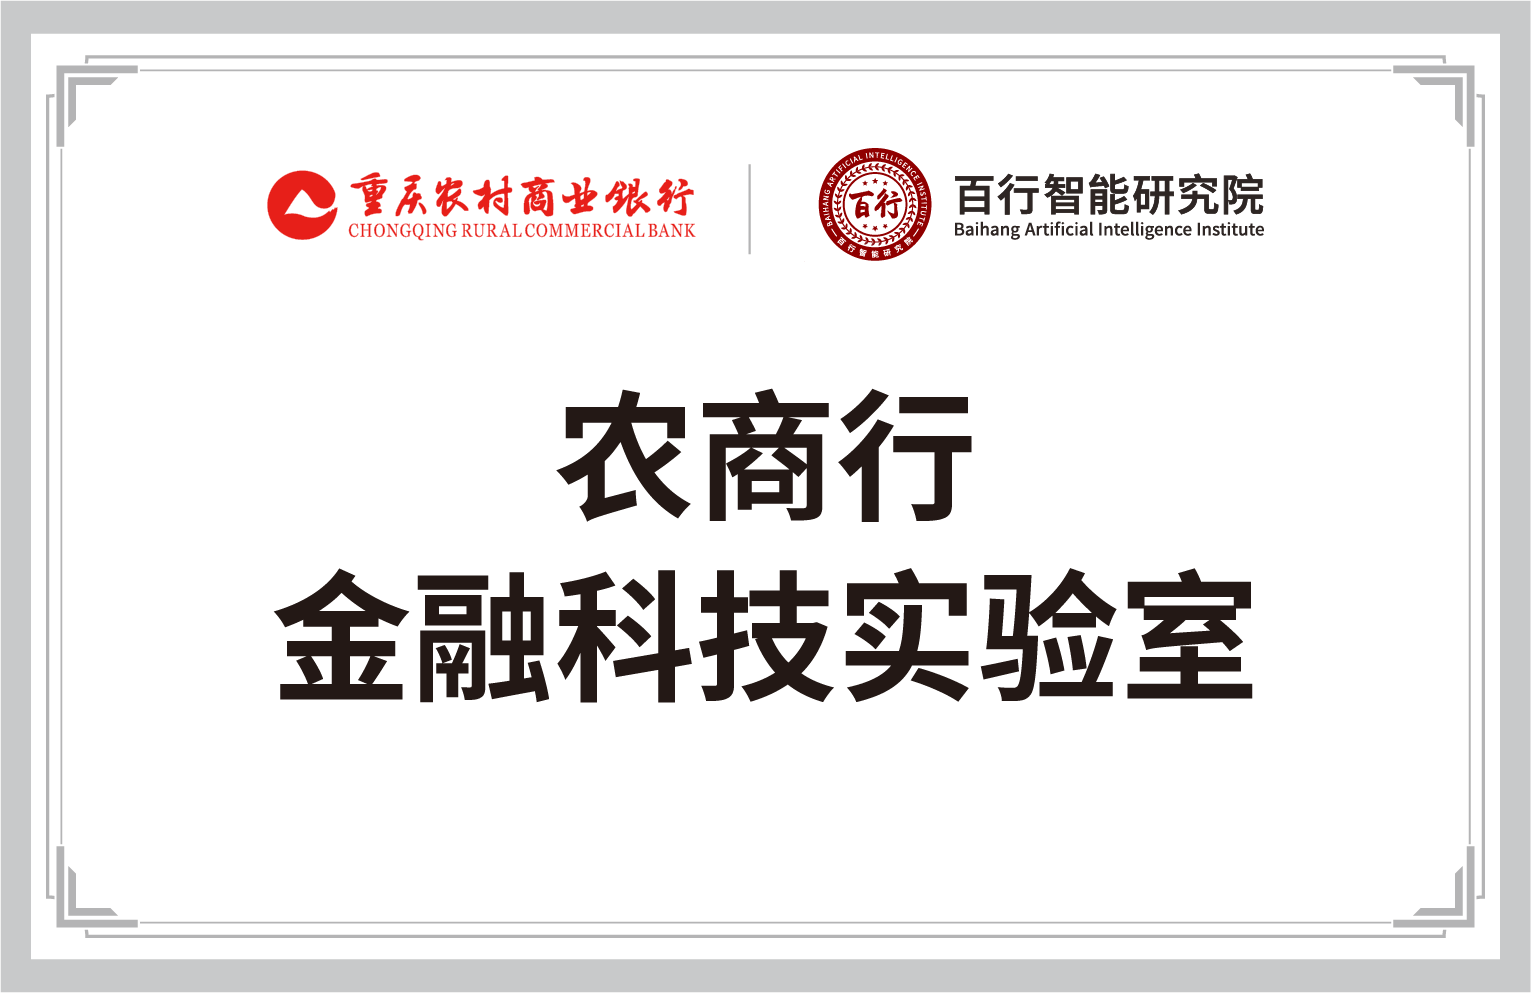 重庆农村商业银行-百行智能研究院-金融科技实验室